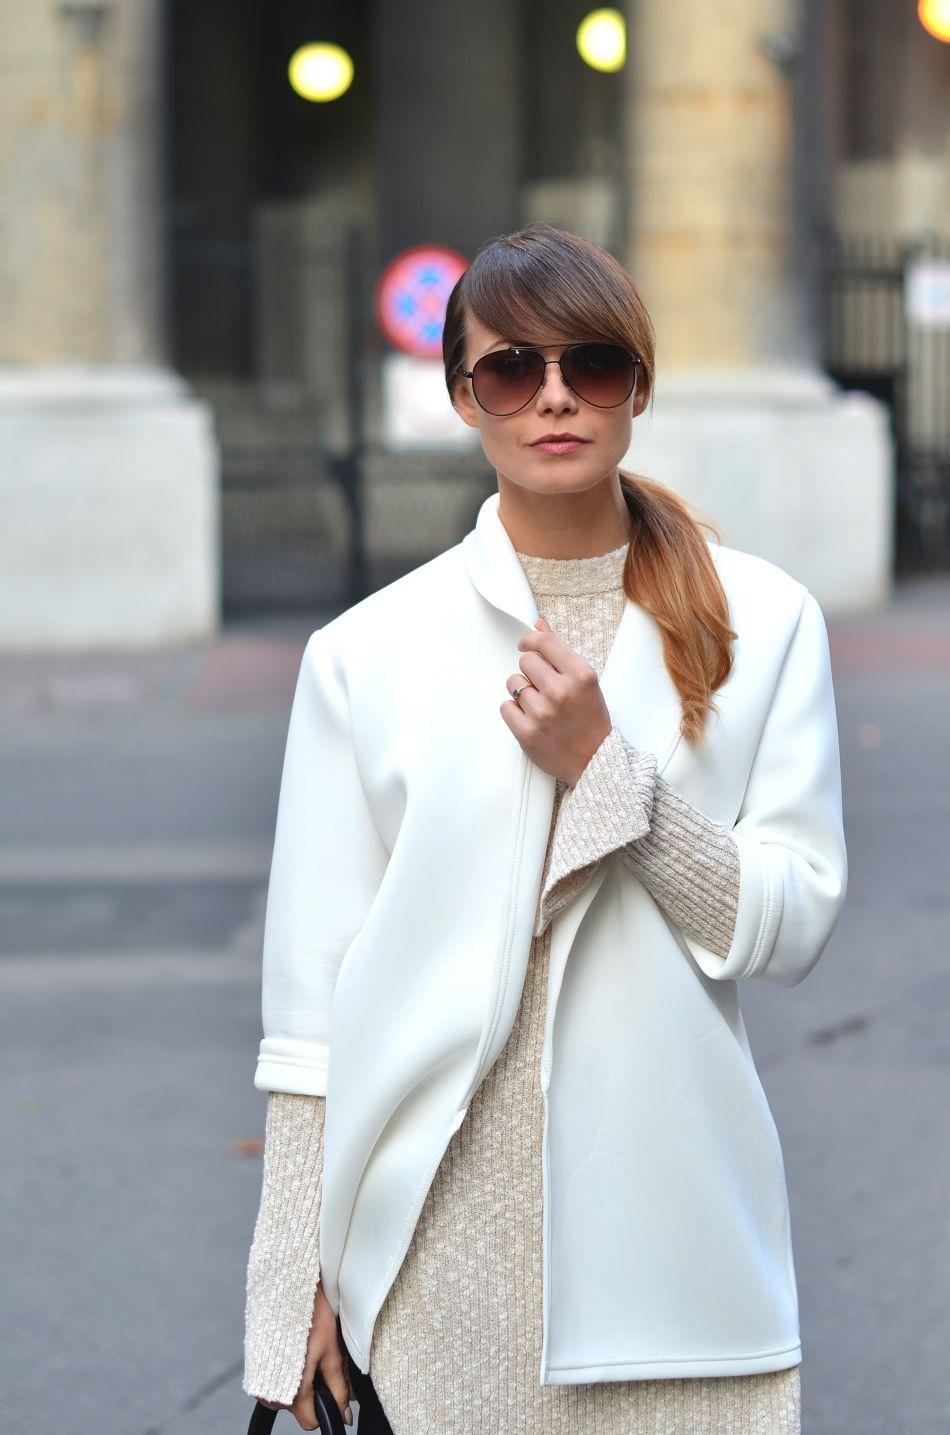 welniany sweter | trendy jesien | swiadomosc zycia | hm trend | blogi o modzie | blog o modzie | blog modowy